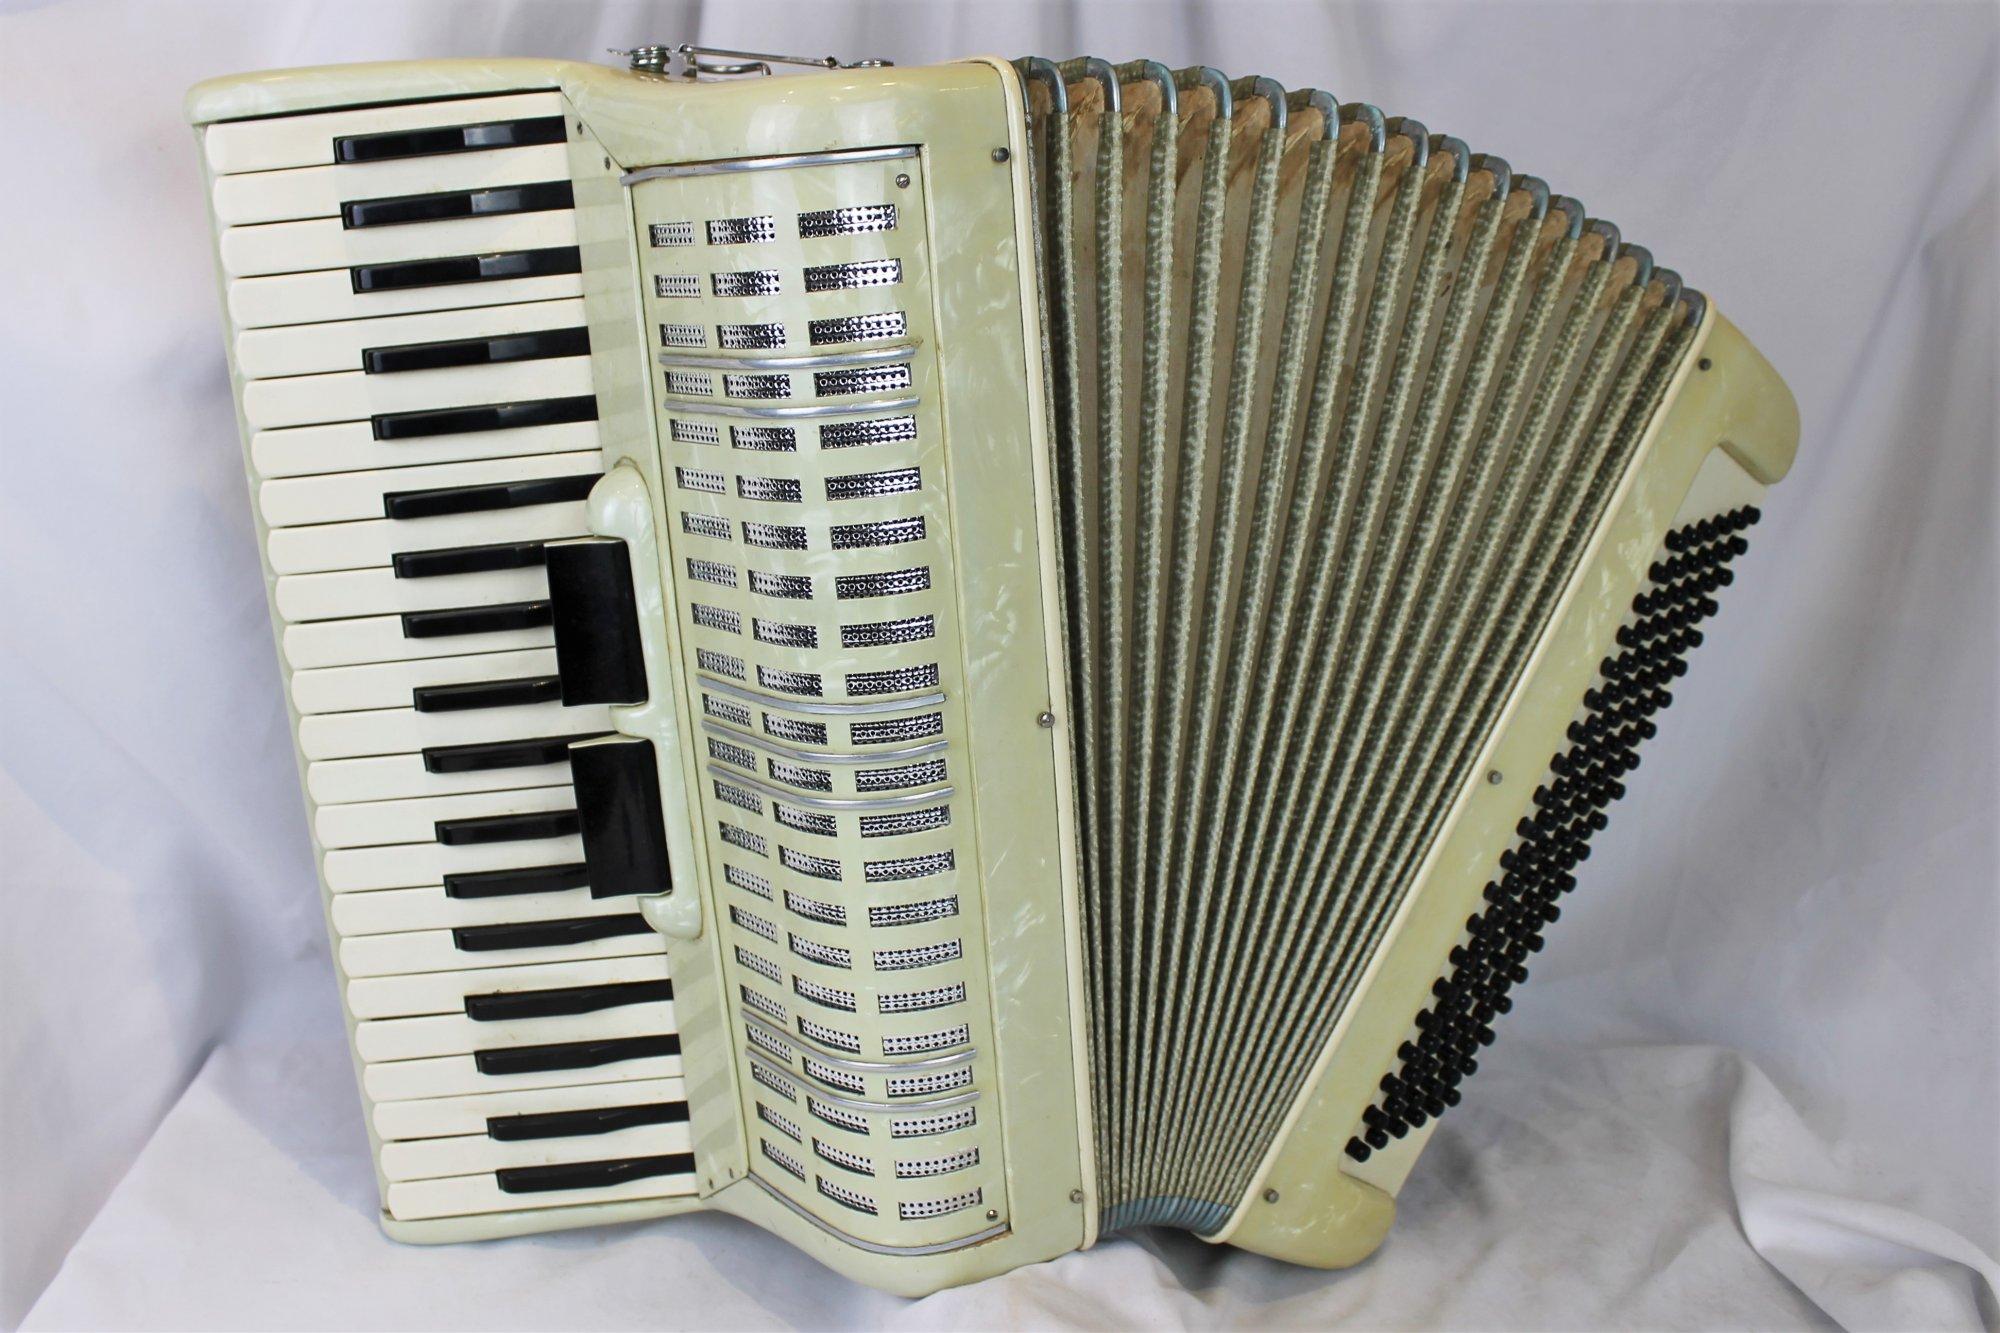 4579 - Creamy Italian Piano Accordion LM 41 120